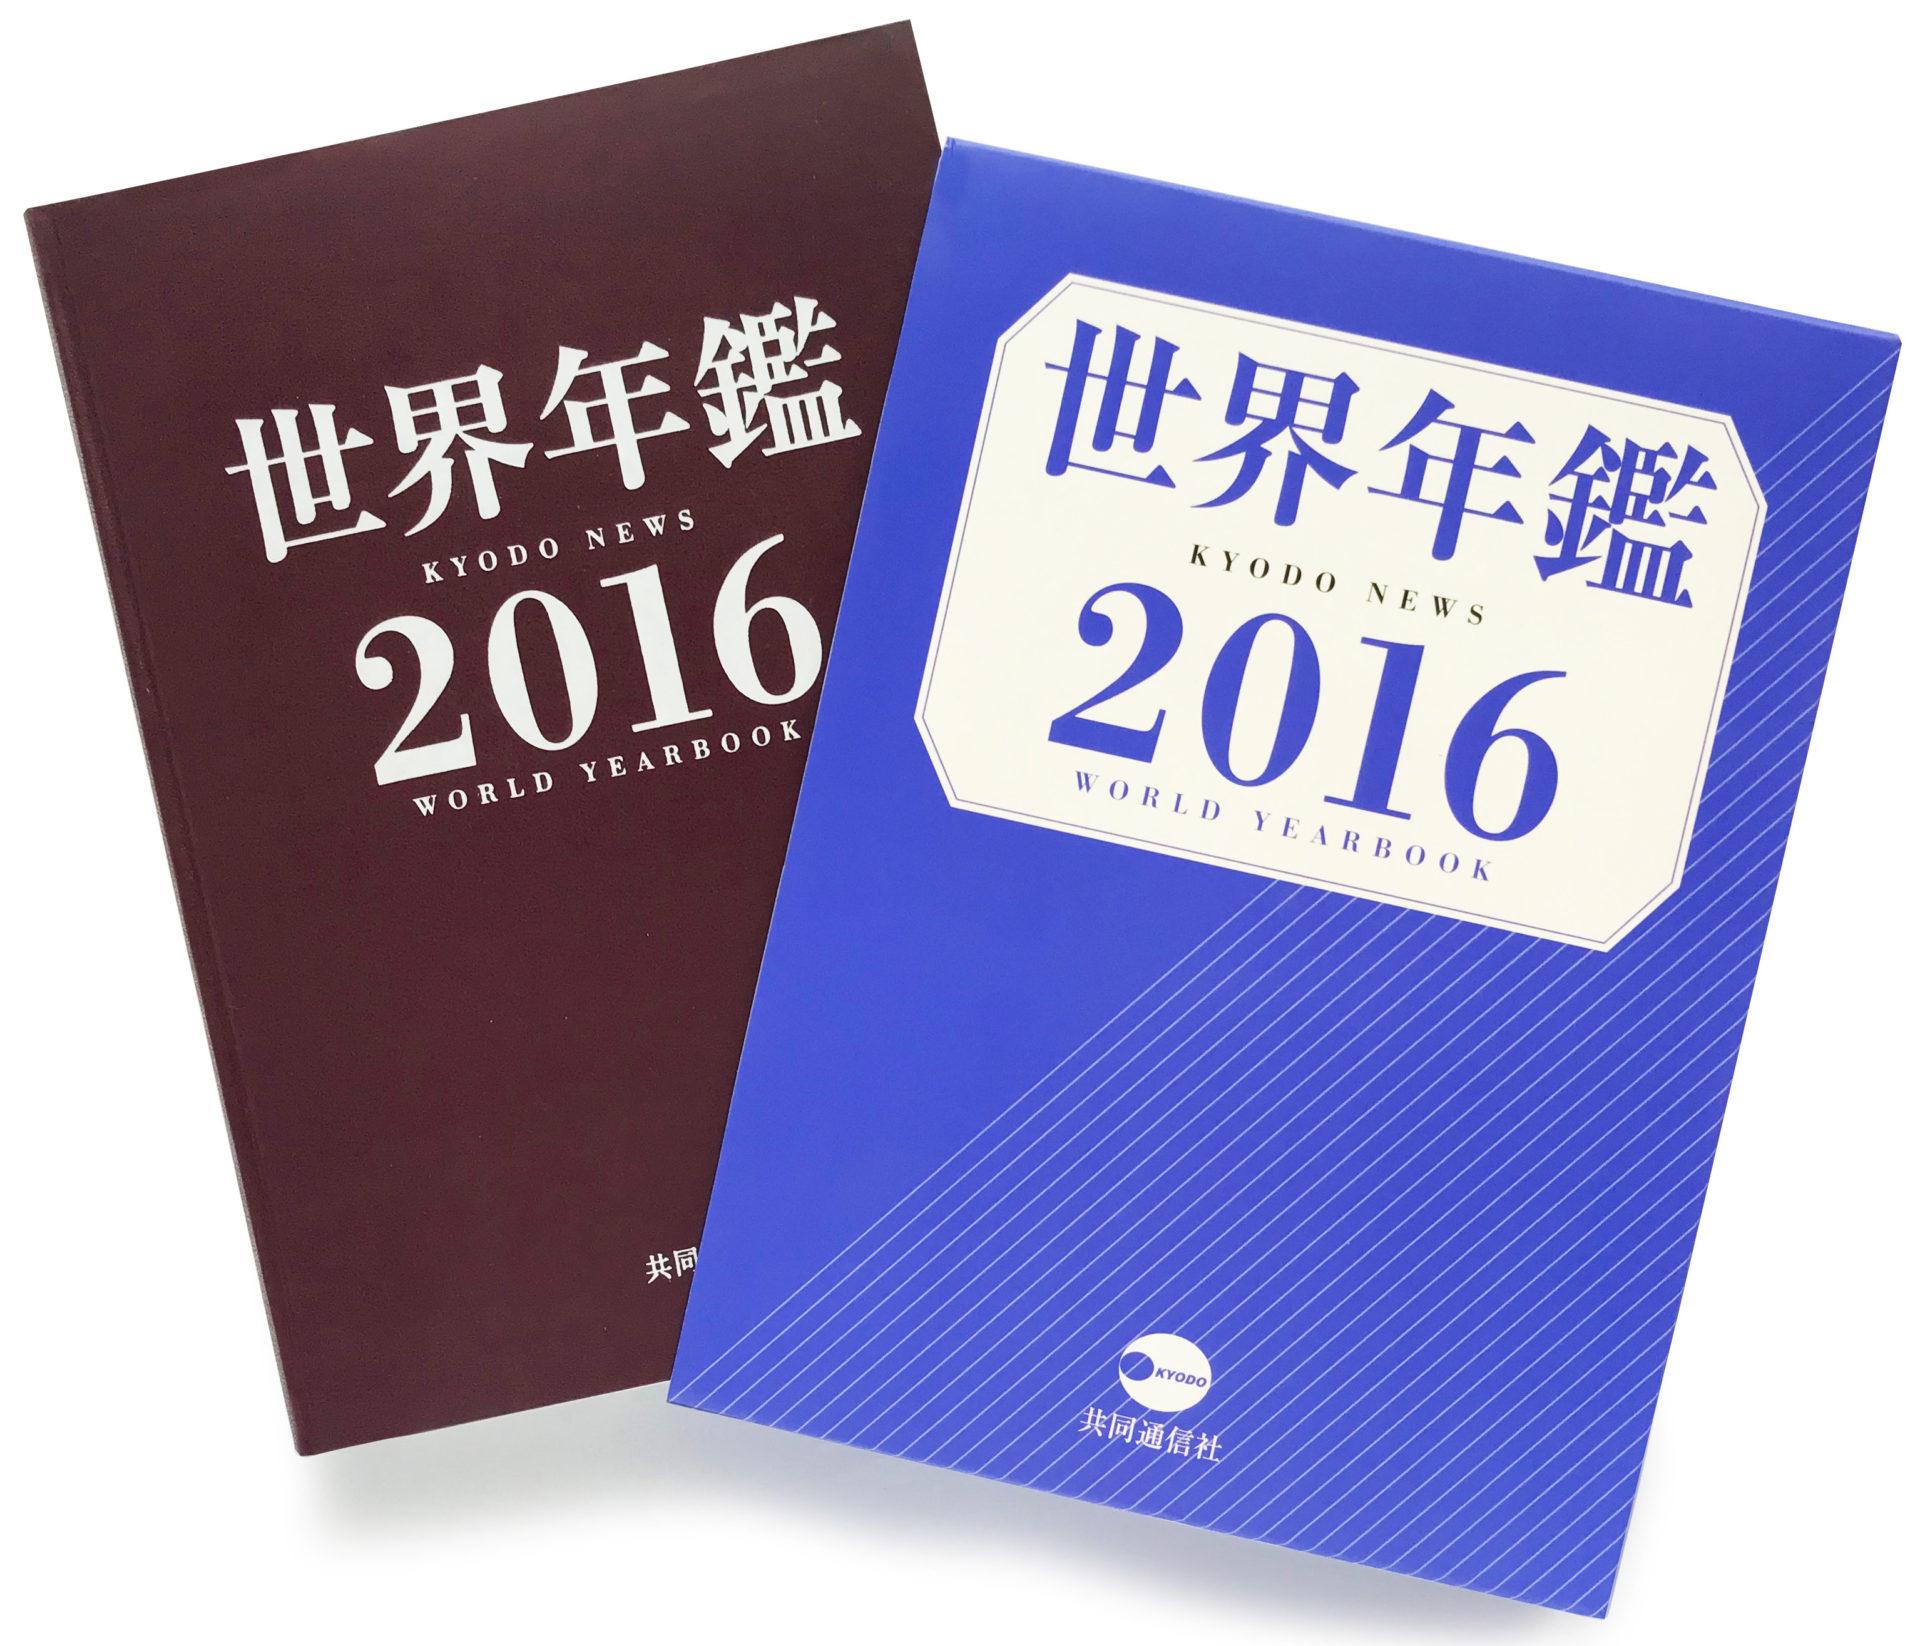 『世界年鑑 2016』